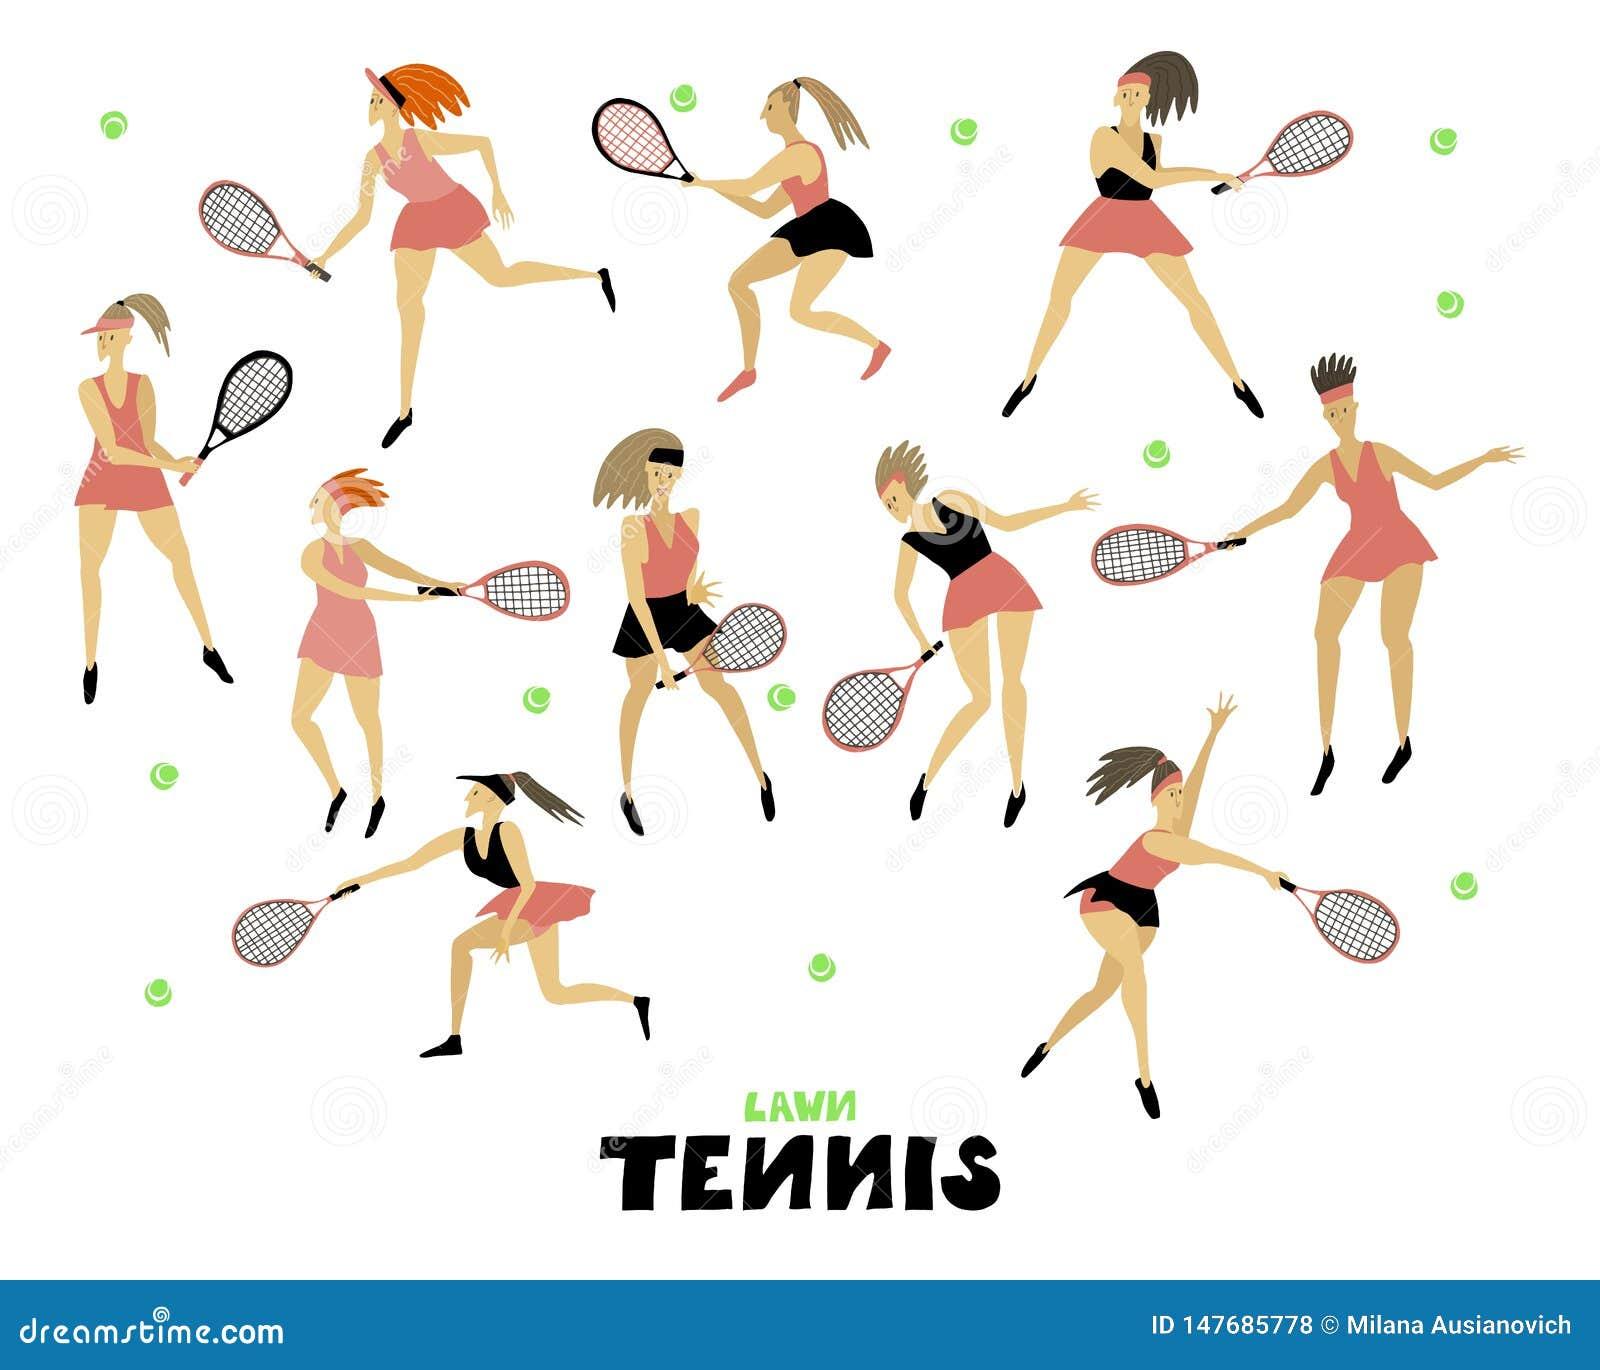 Gracz w tenisa dziewczyna ustawiająca kobieta z kanta i piłki Ludzką postacią w ruch Freehand wektorowej ilustracji